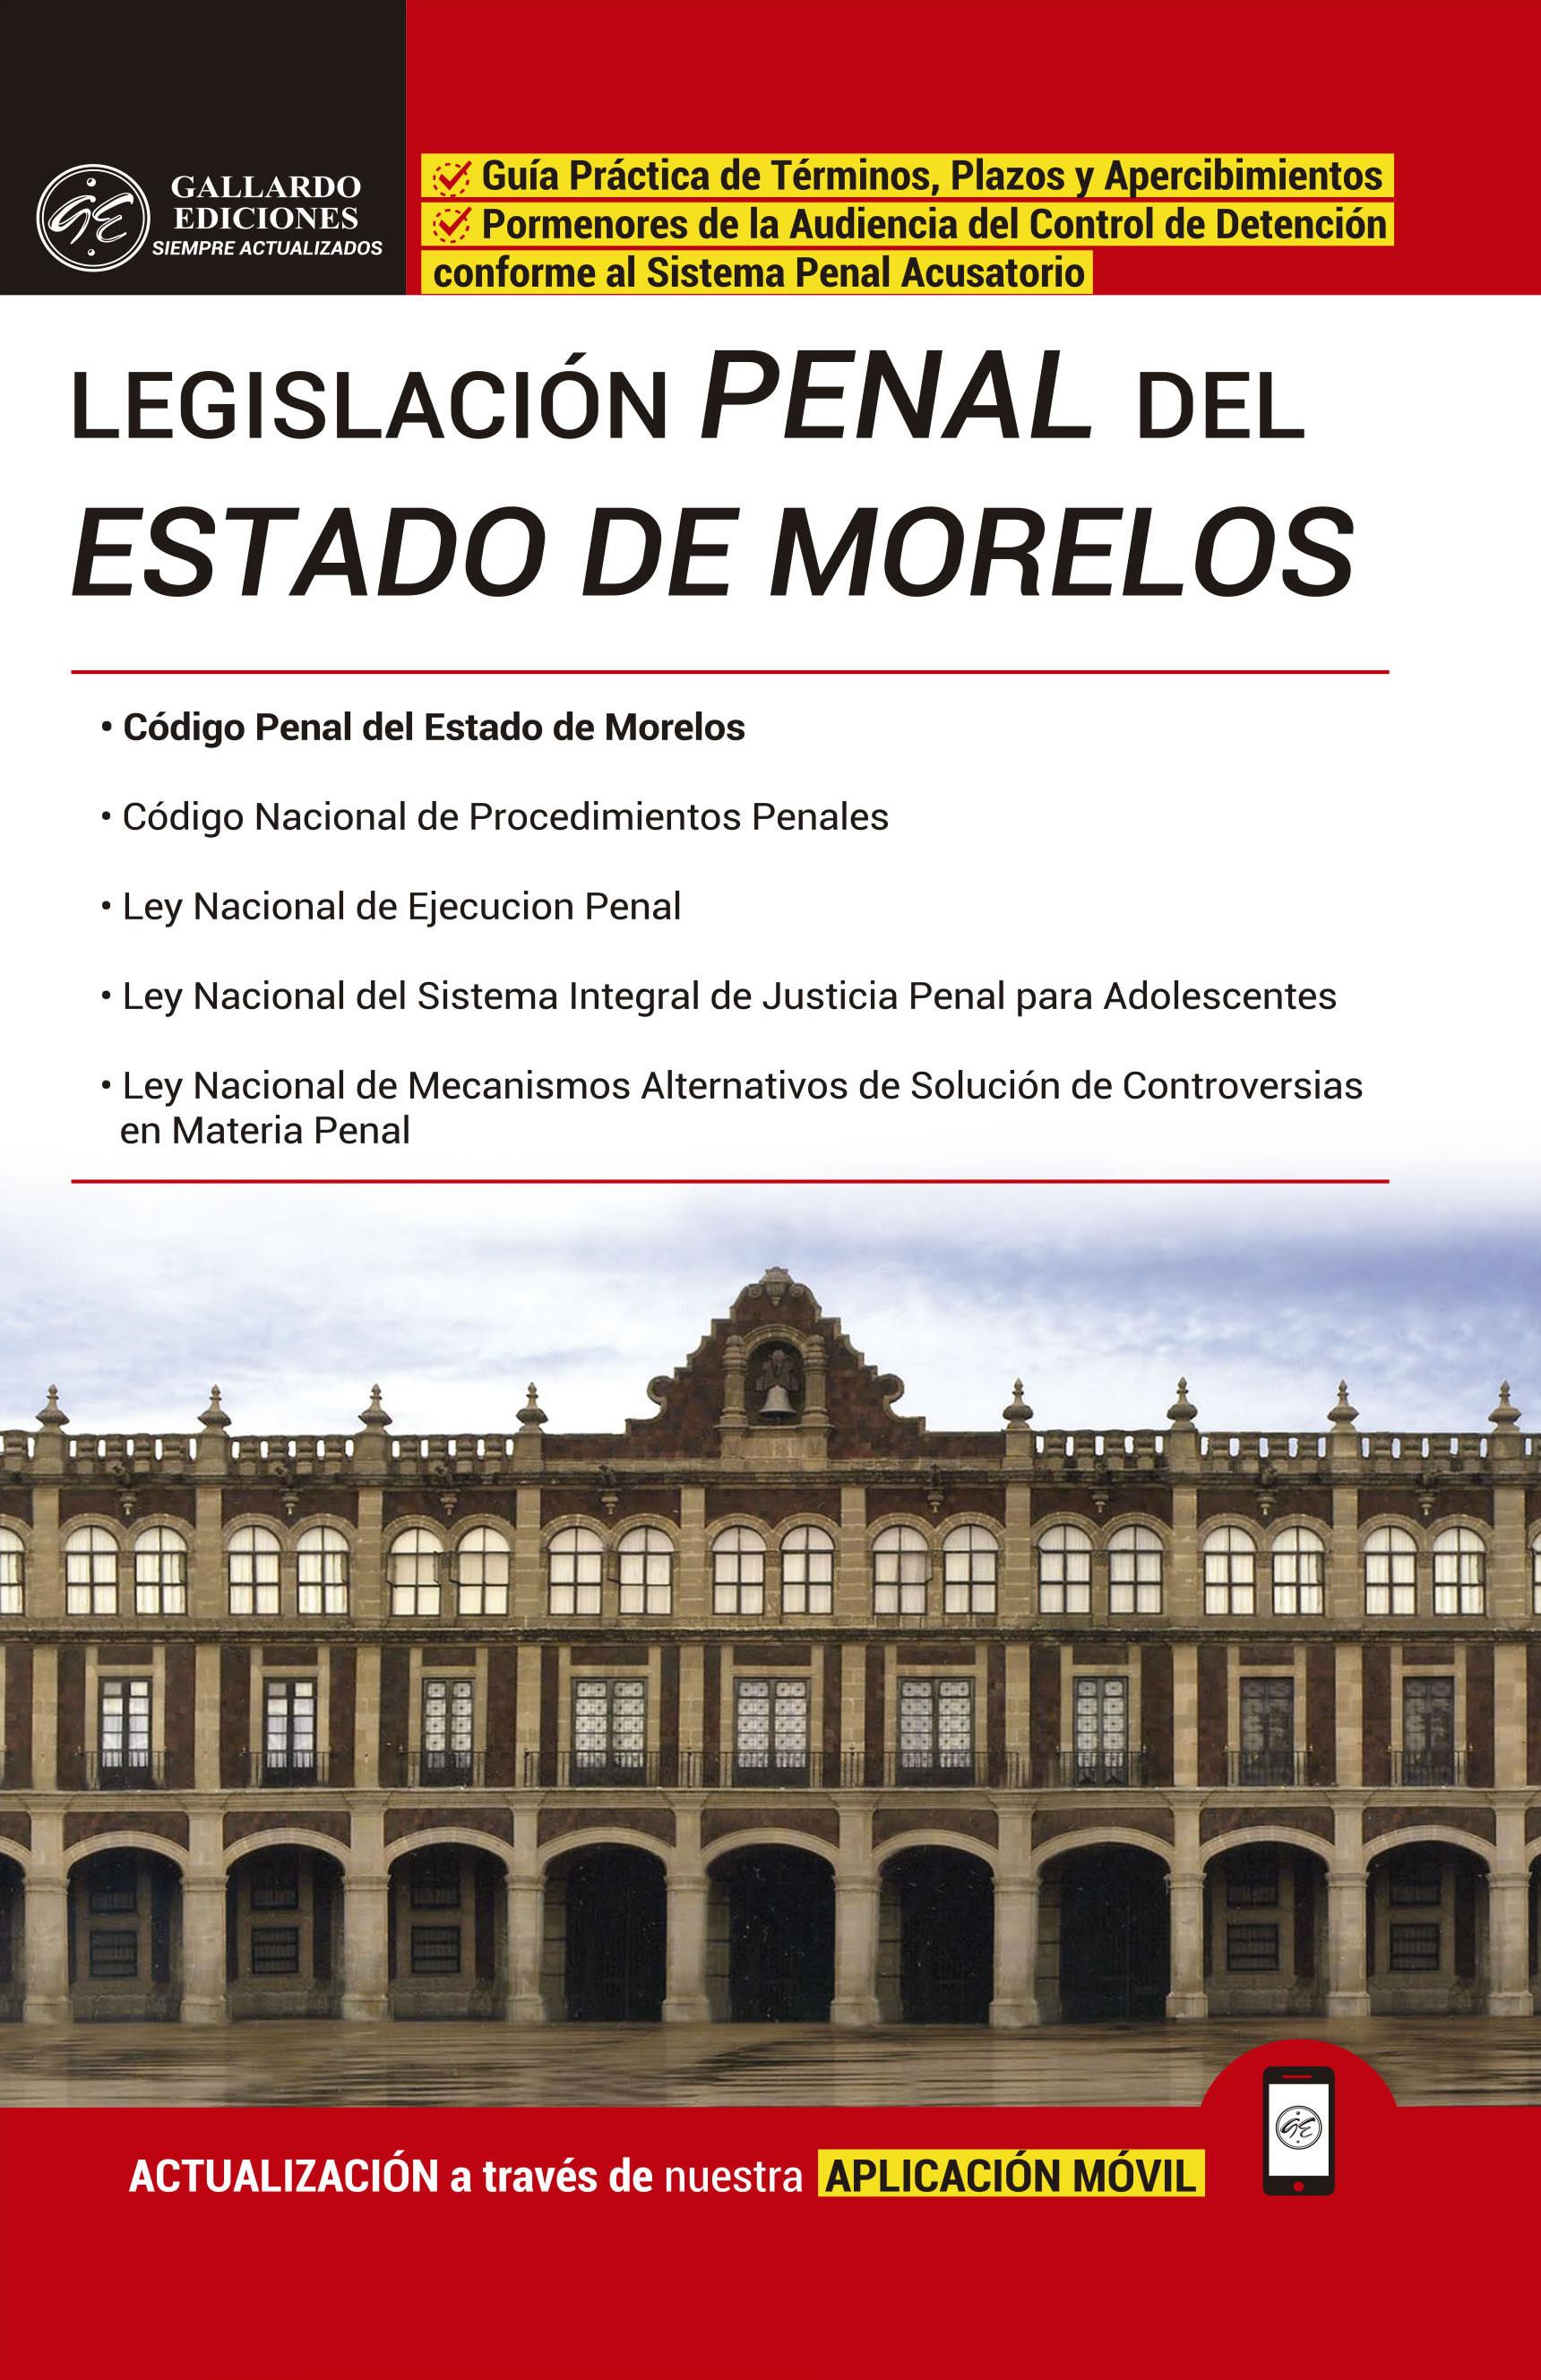 Legislación Penal del Estado de Morelos 2018